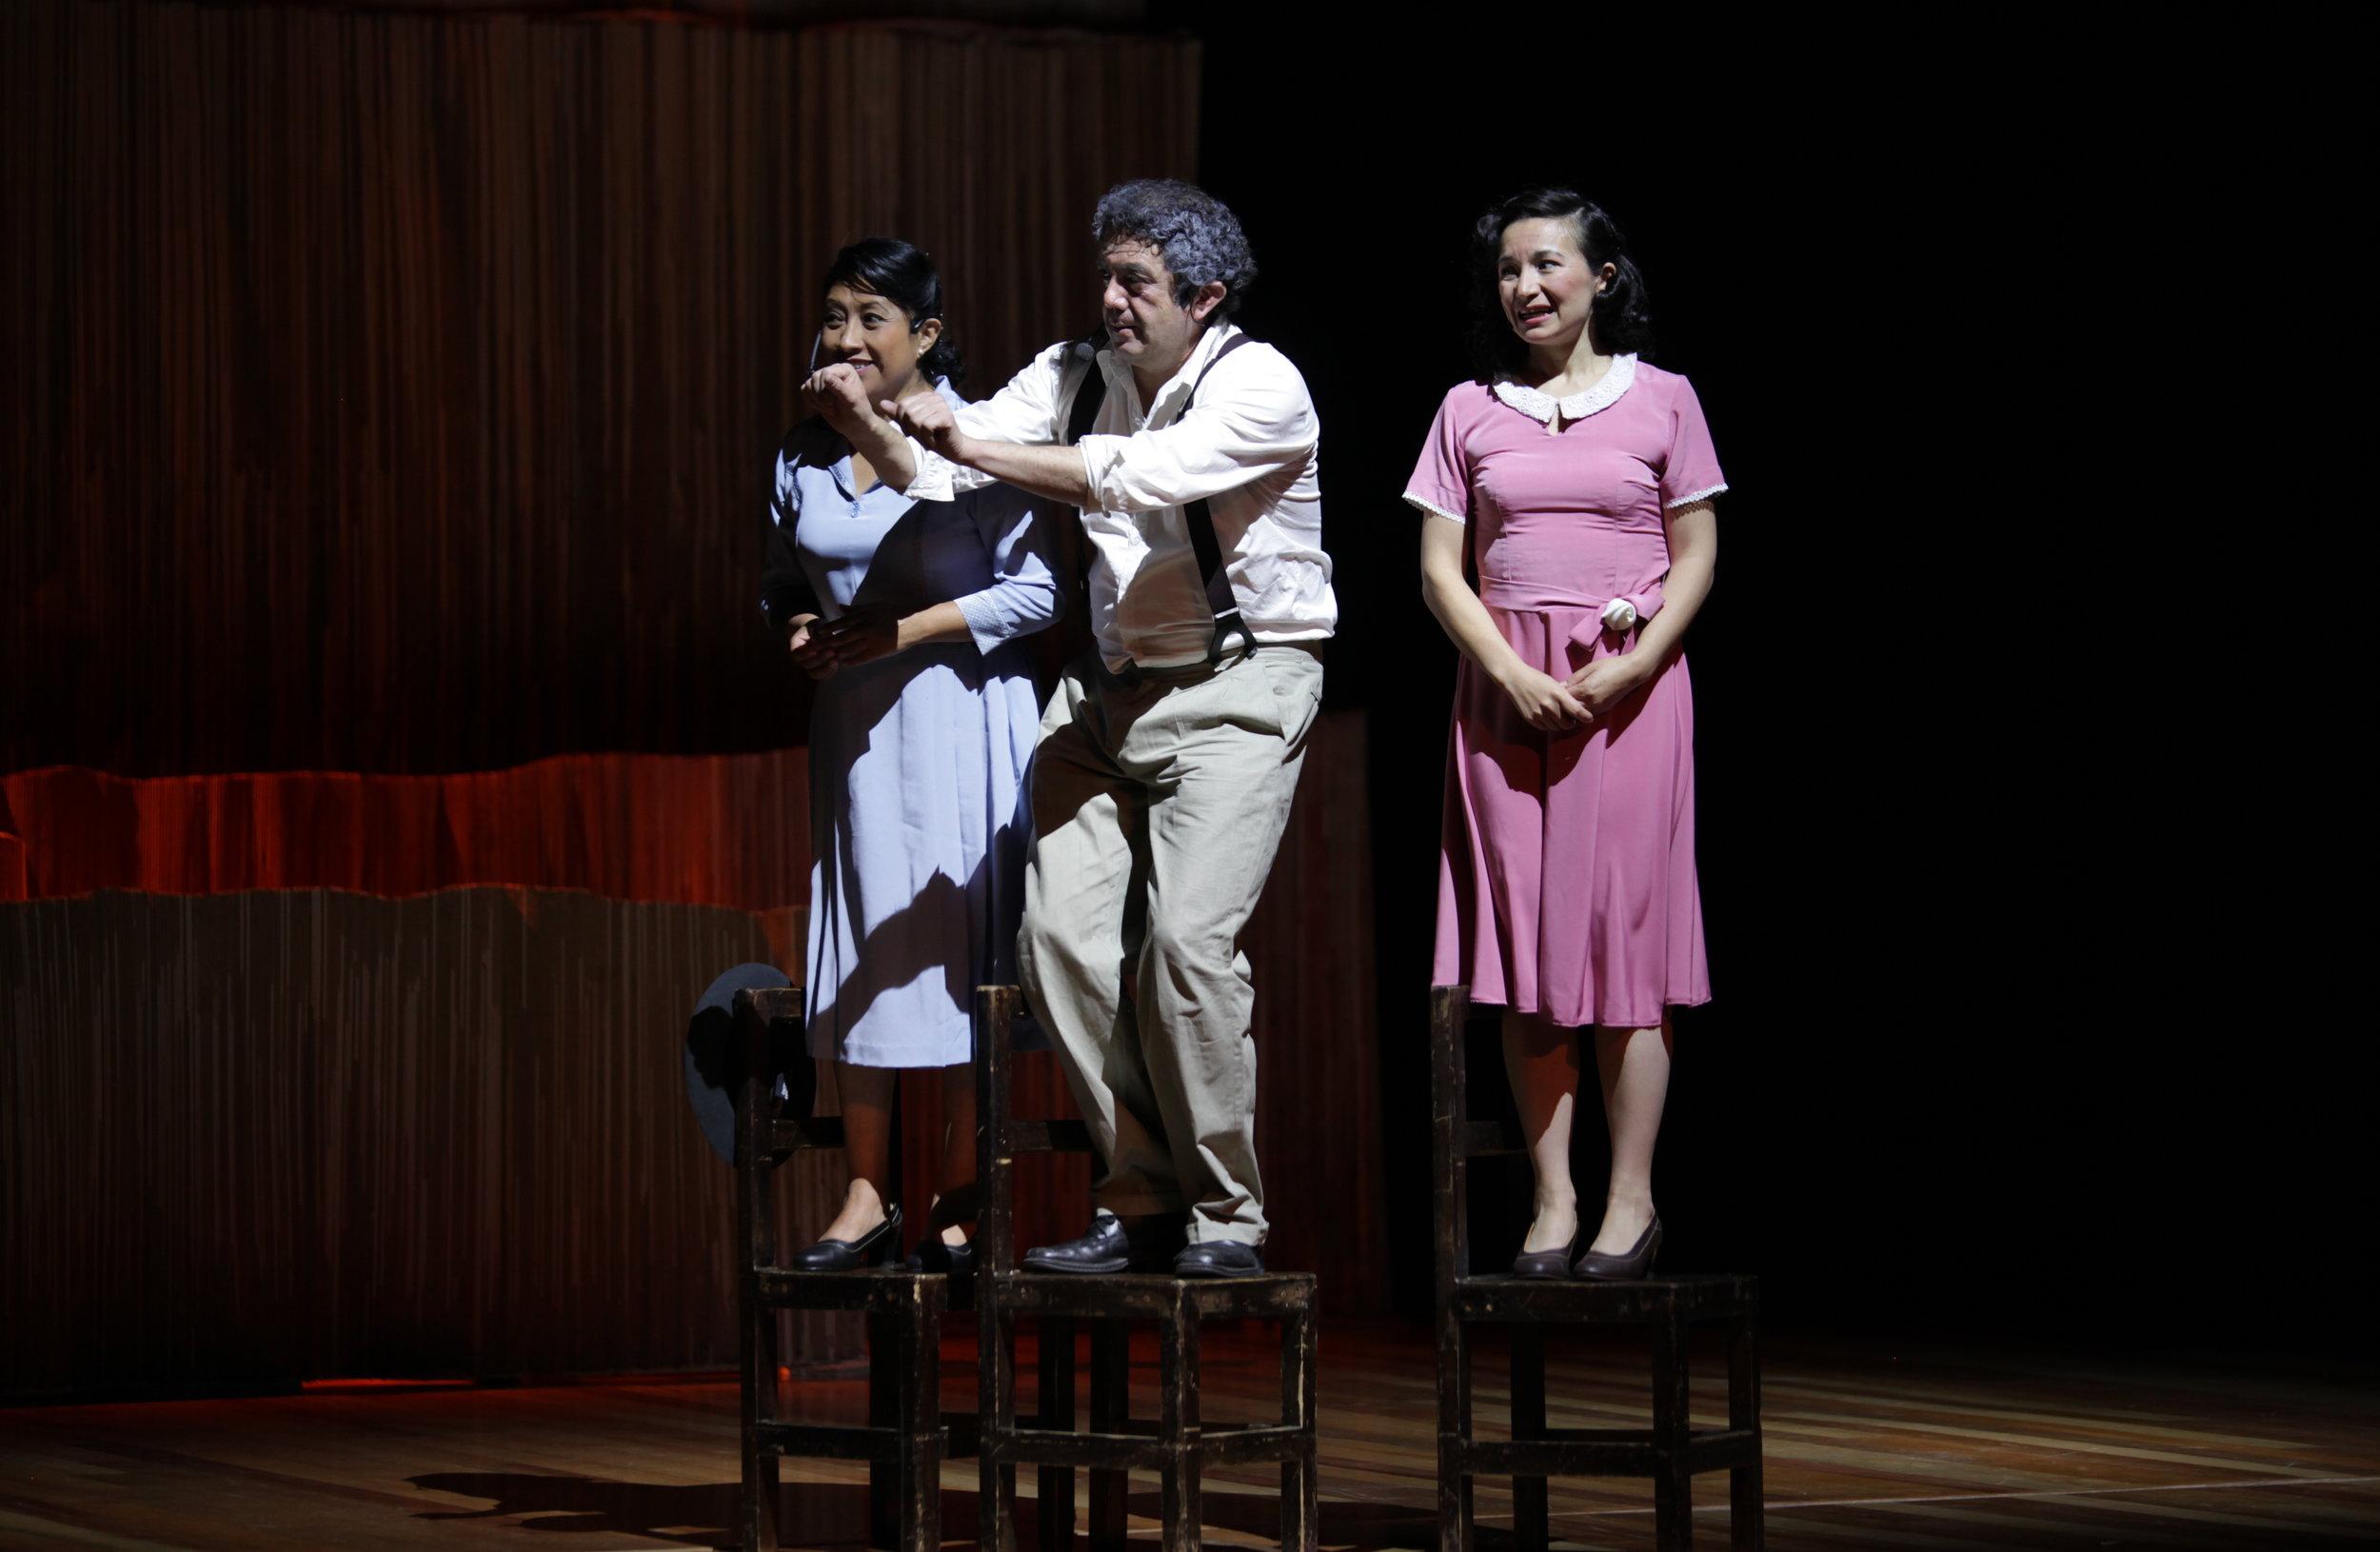 Ensayo. Lorena Rodriguez,Vinicio Romeros y SaloméVelasco.